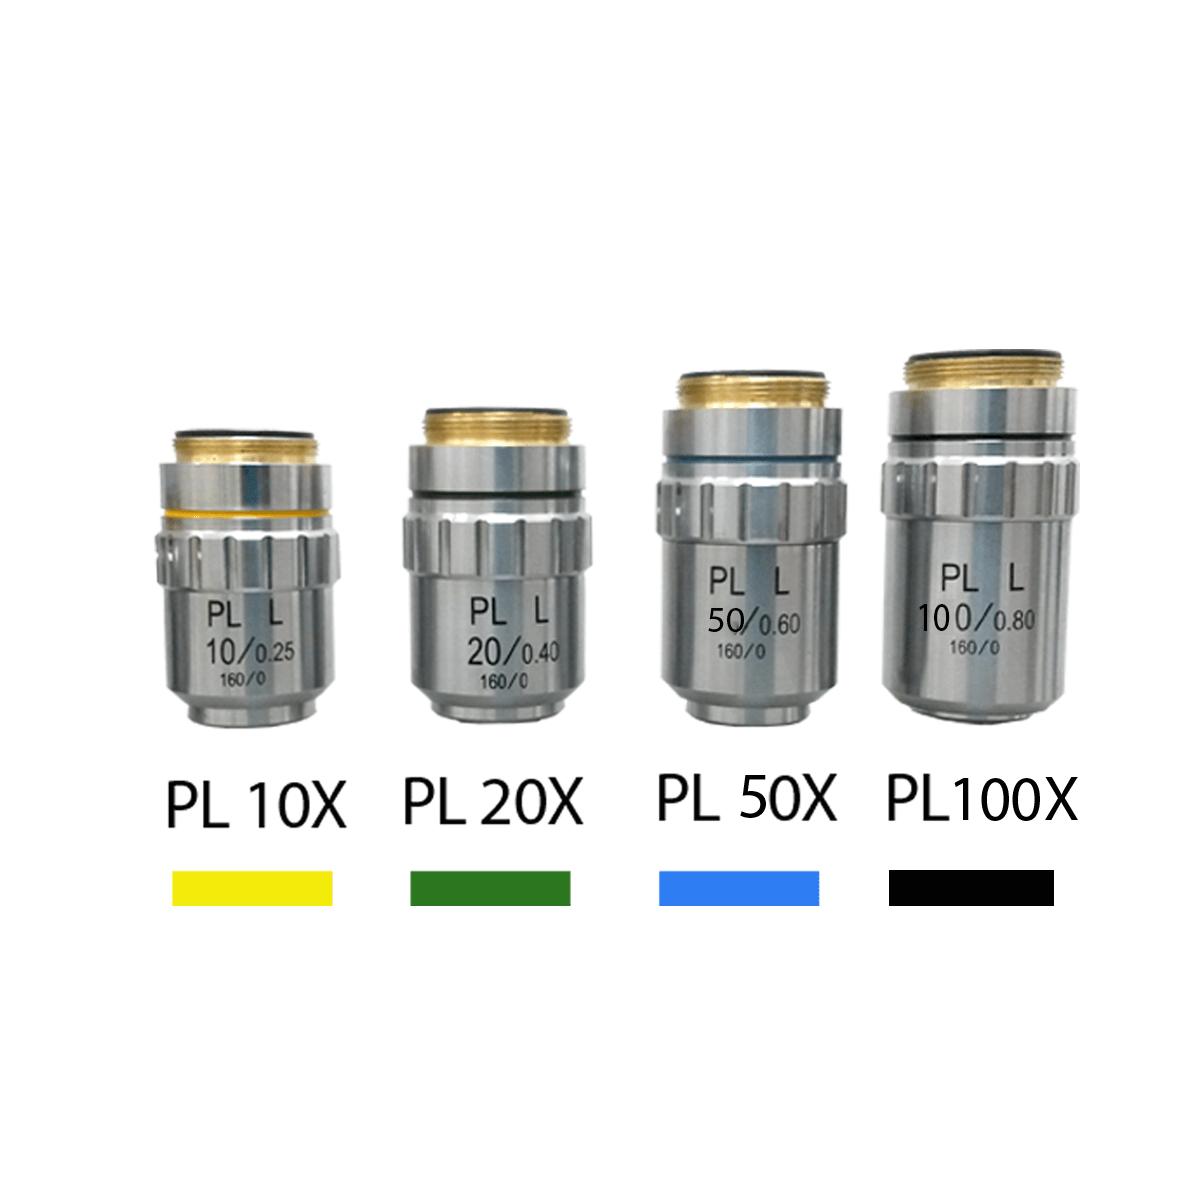 Microscópio Metalográfico Invertido Trinocular com Aumento de 100x até 1000x, Objetivas Planacromática E Iluminação 20w Halogênio